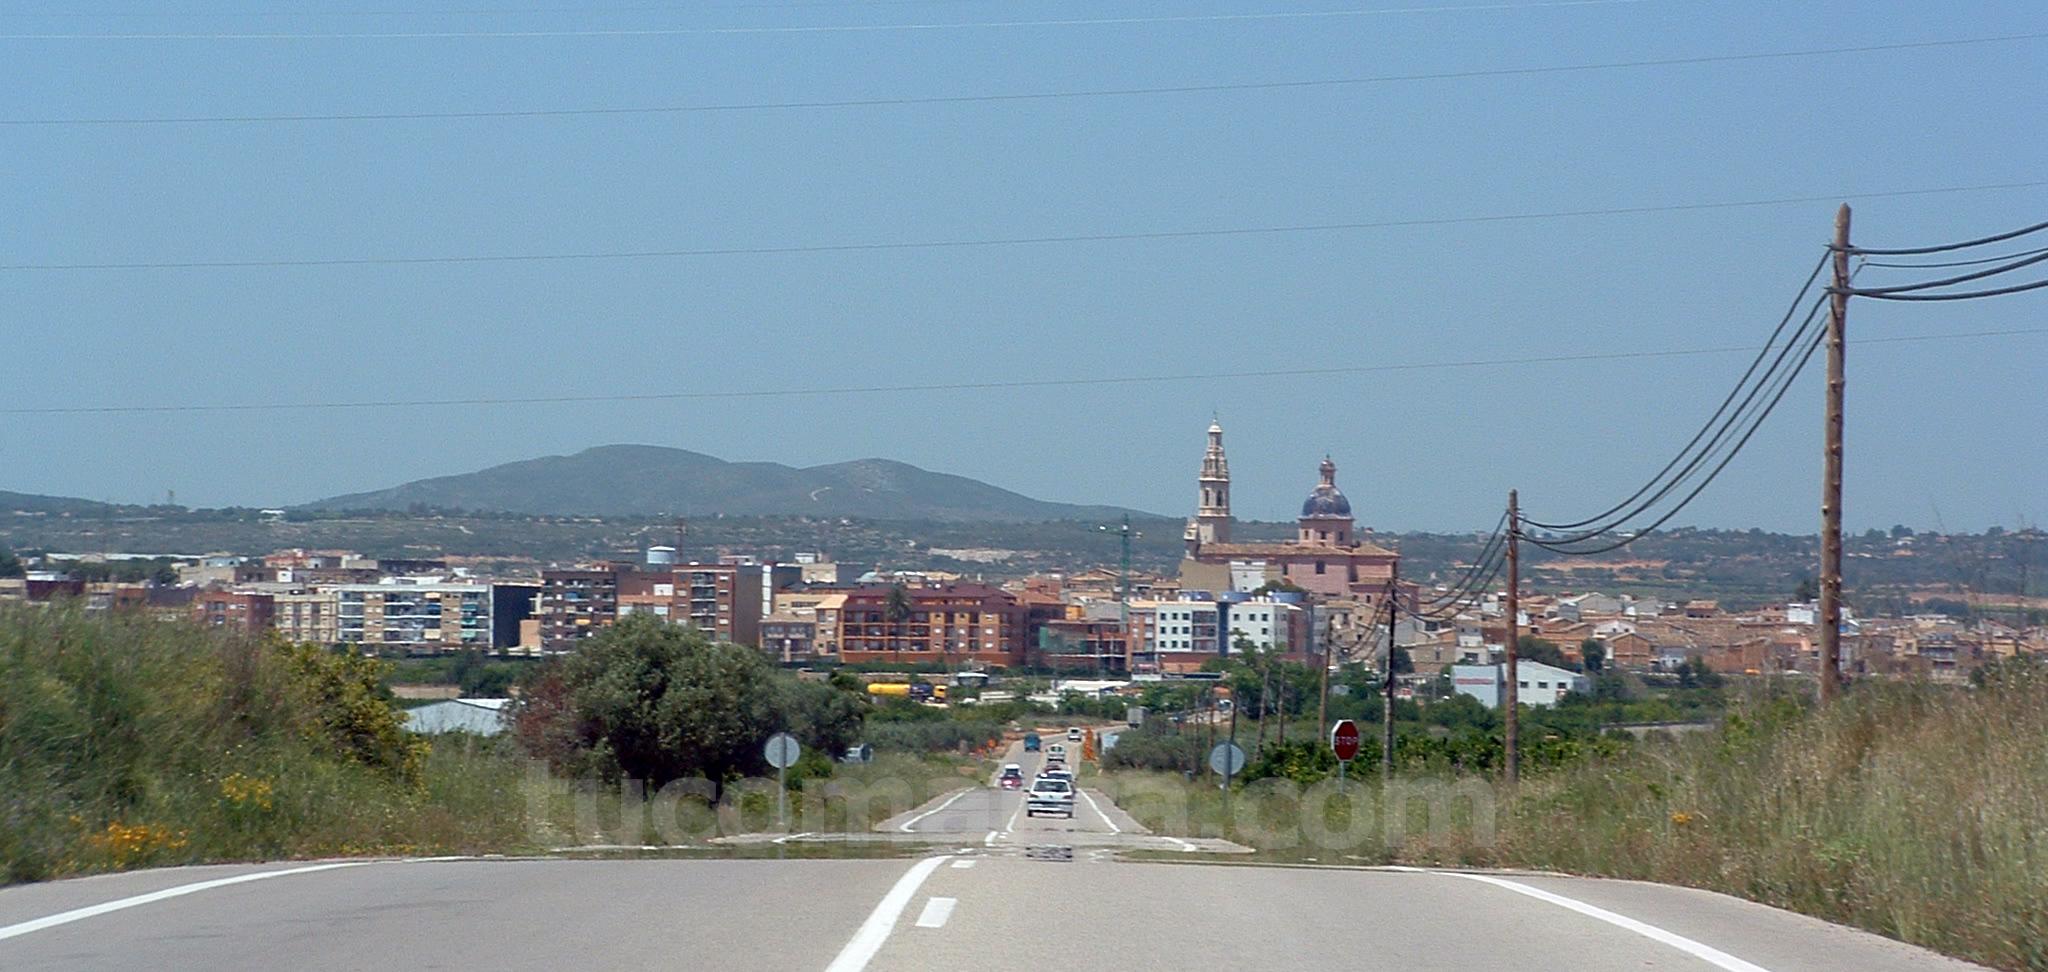 Una imagen de la localidad de Cheste.